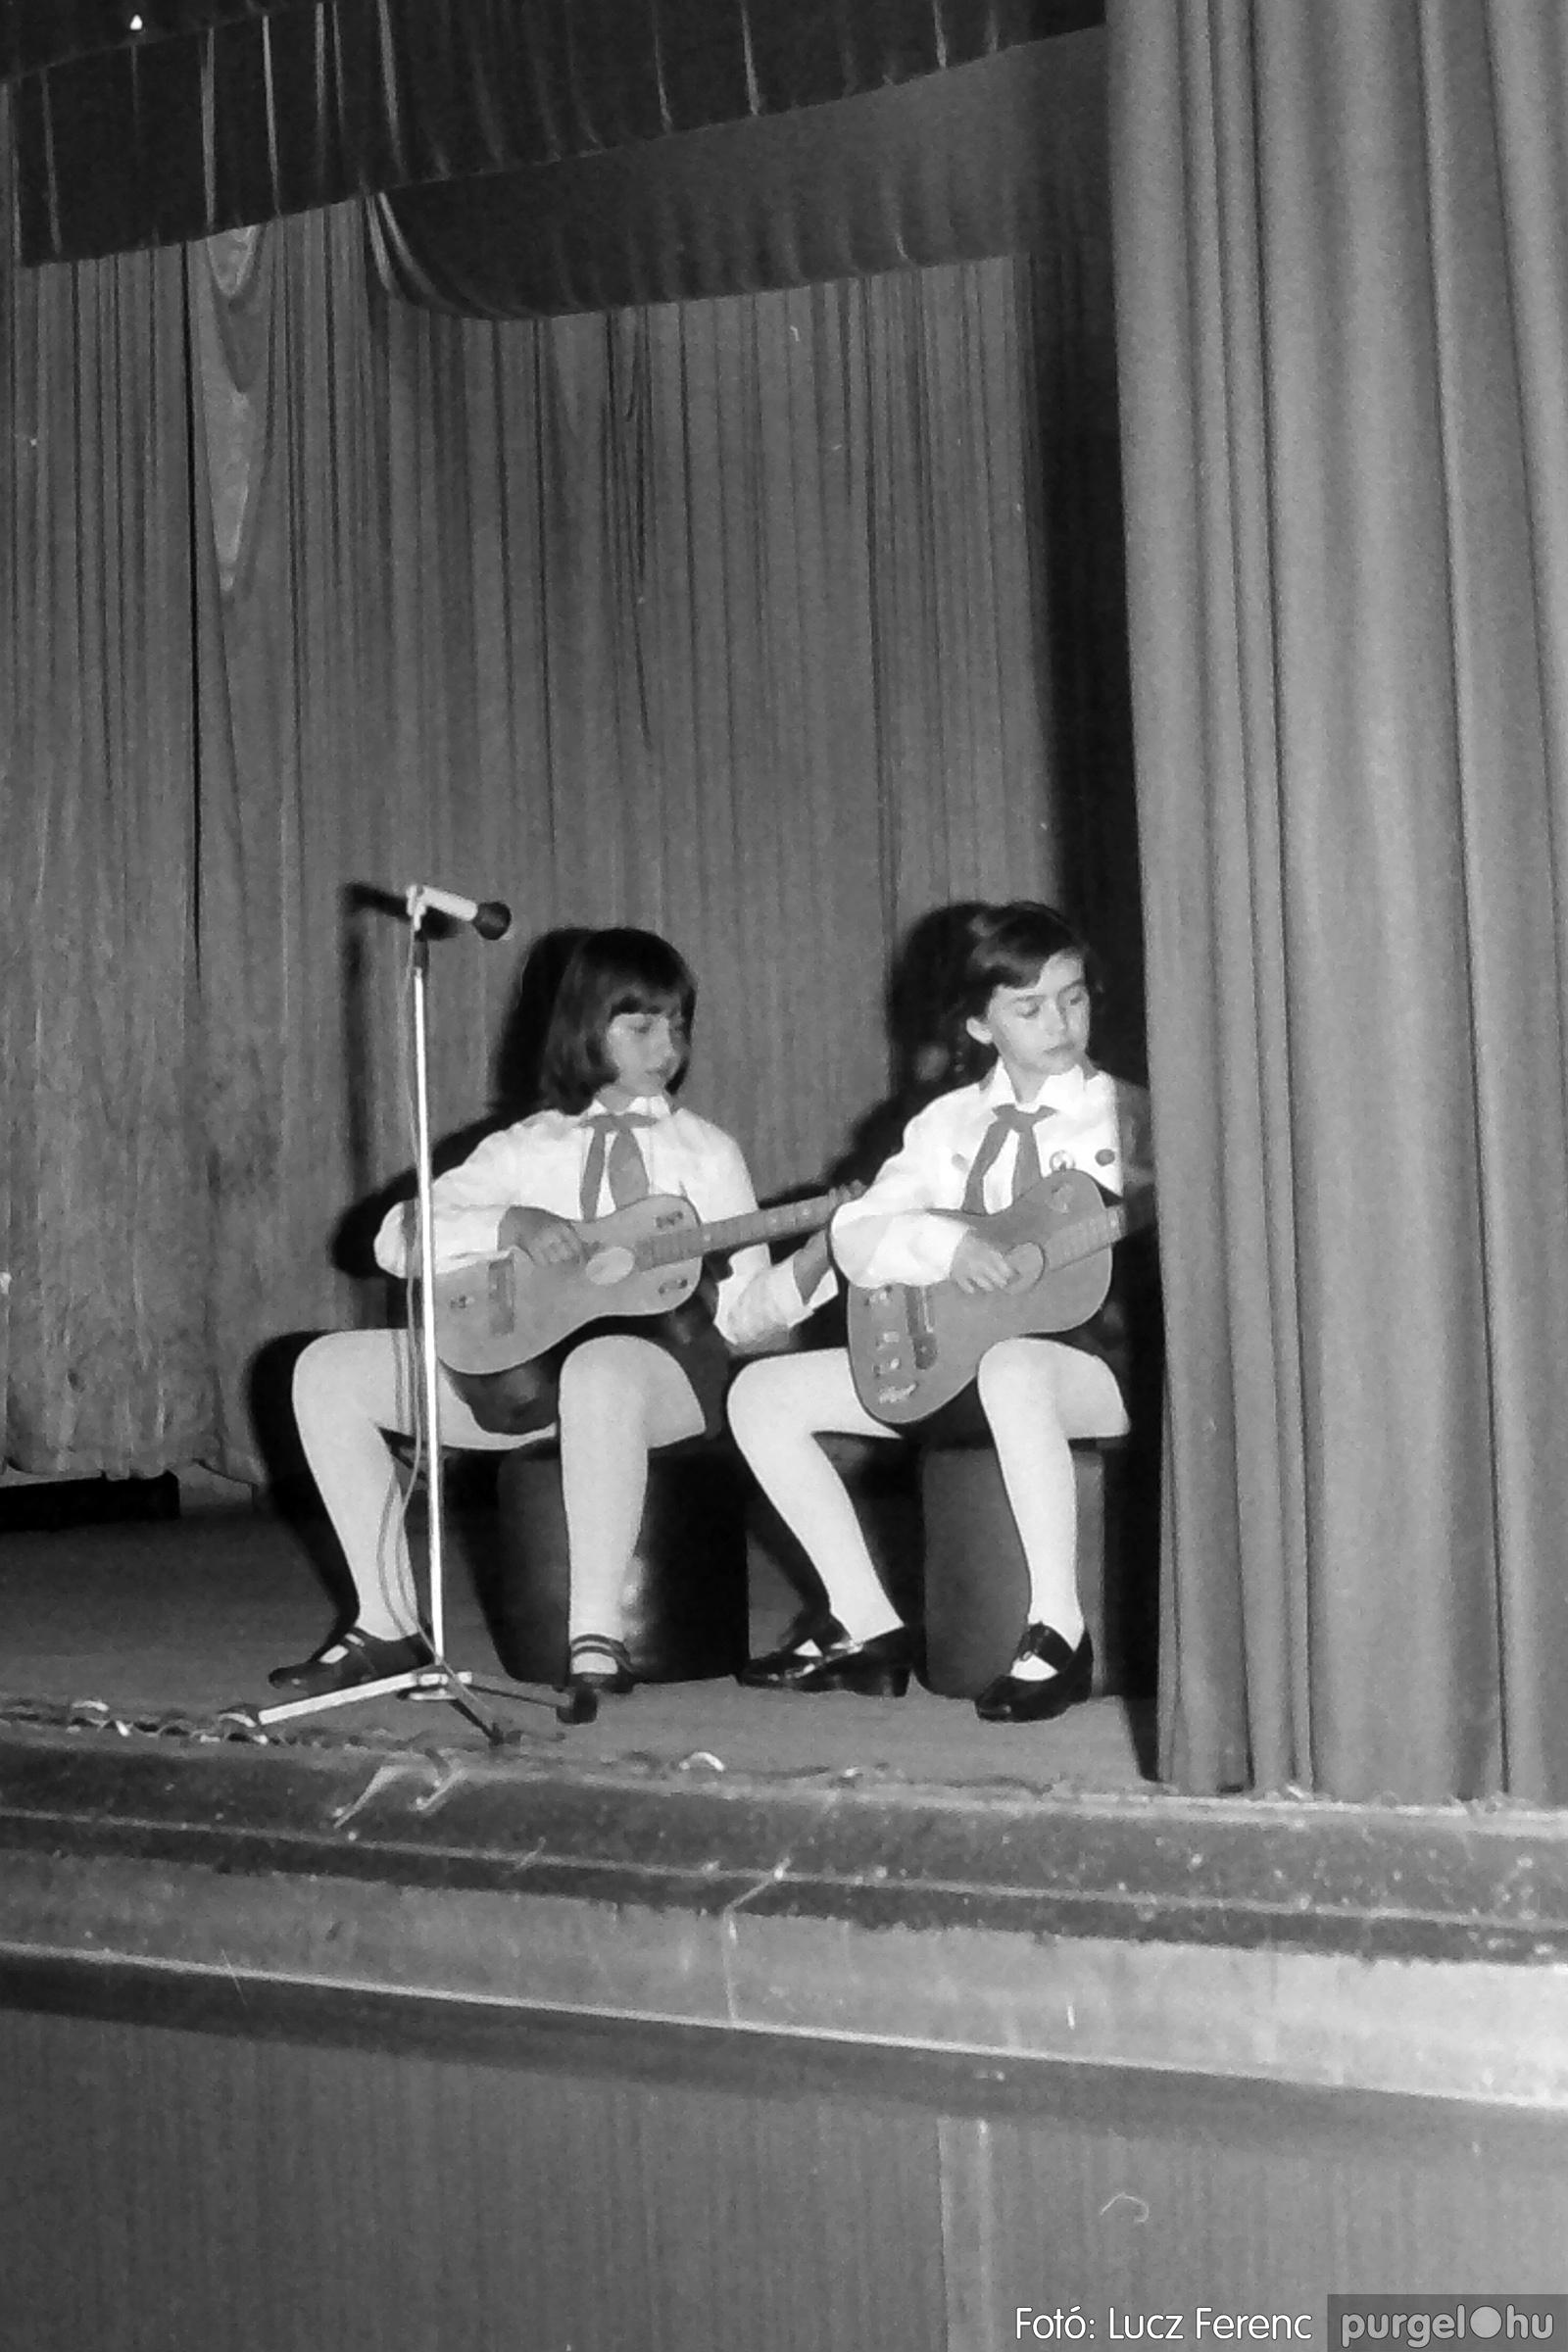 076. 1977. Iskolások fellépése a kultúrházban 011. - Fotó: Lucz Ferenc.jpg